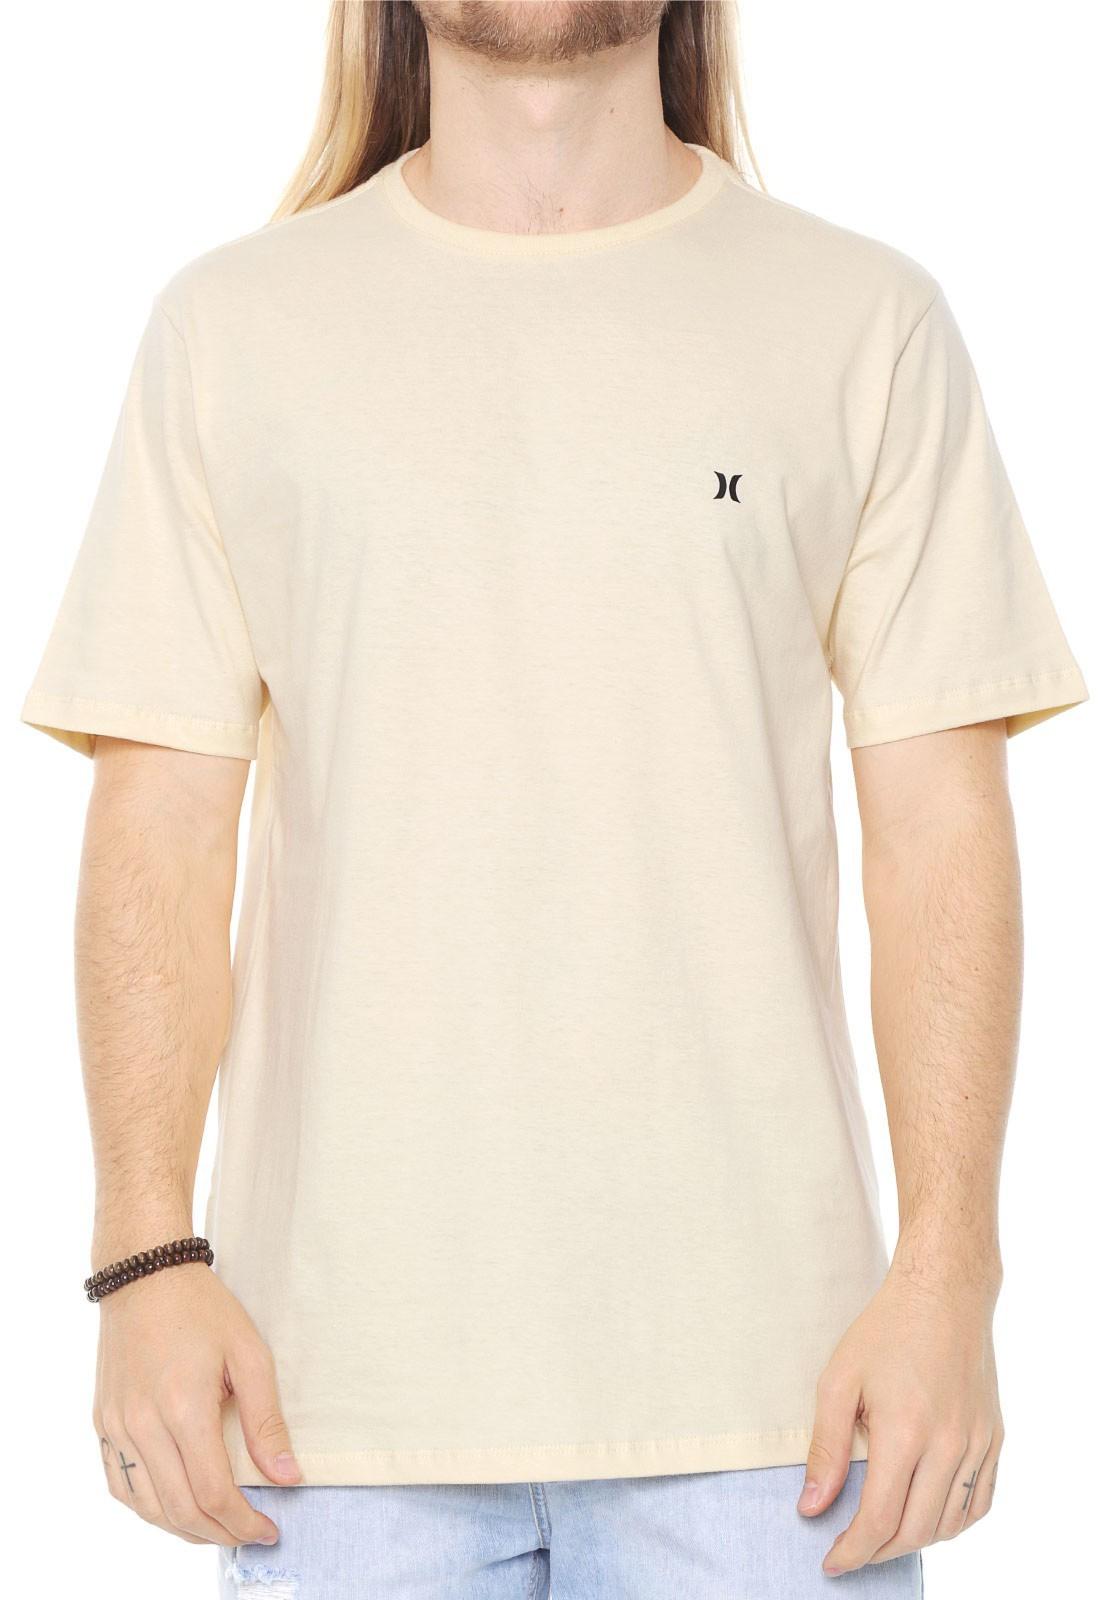 Camiseta Hurley vermelho amarelo